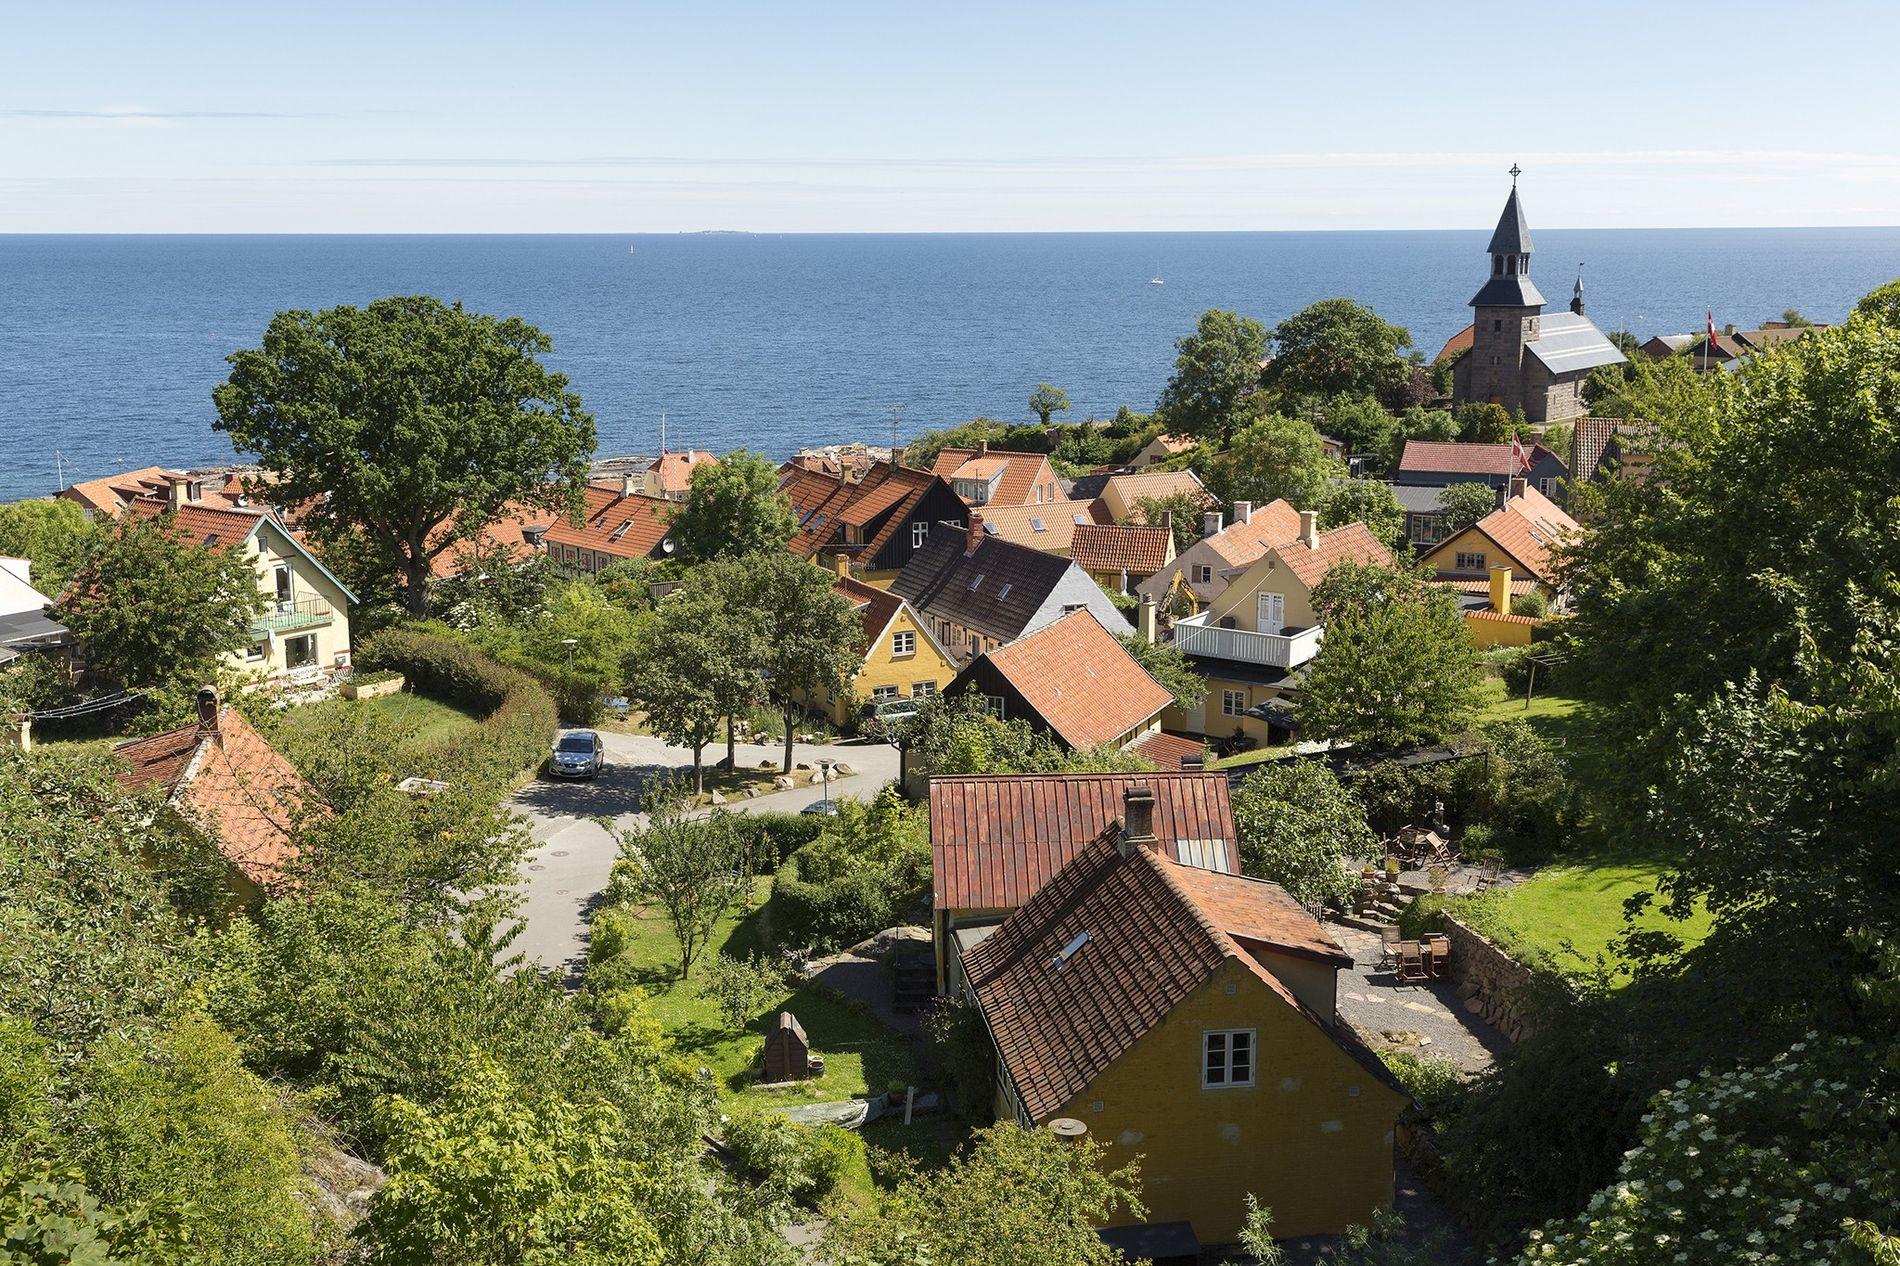 L'île pittoresque de Bornholm dans la mer Baltique a lancé une campagne ambitieuse de recyclage. Ses ...